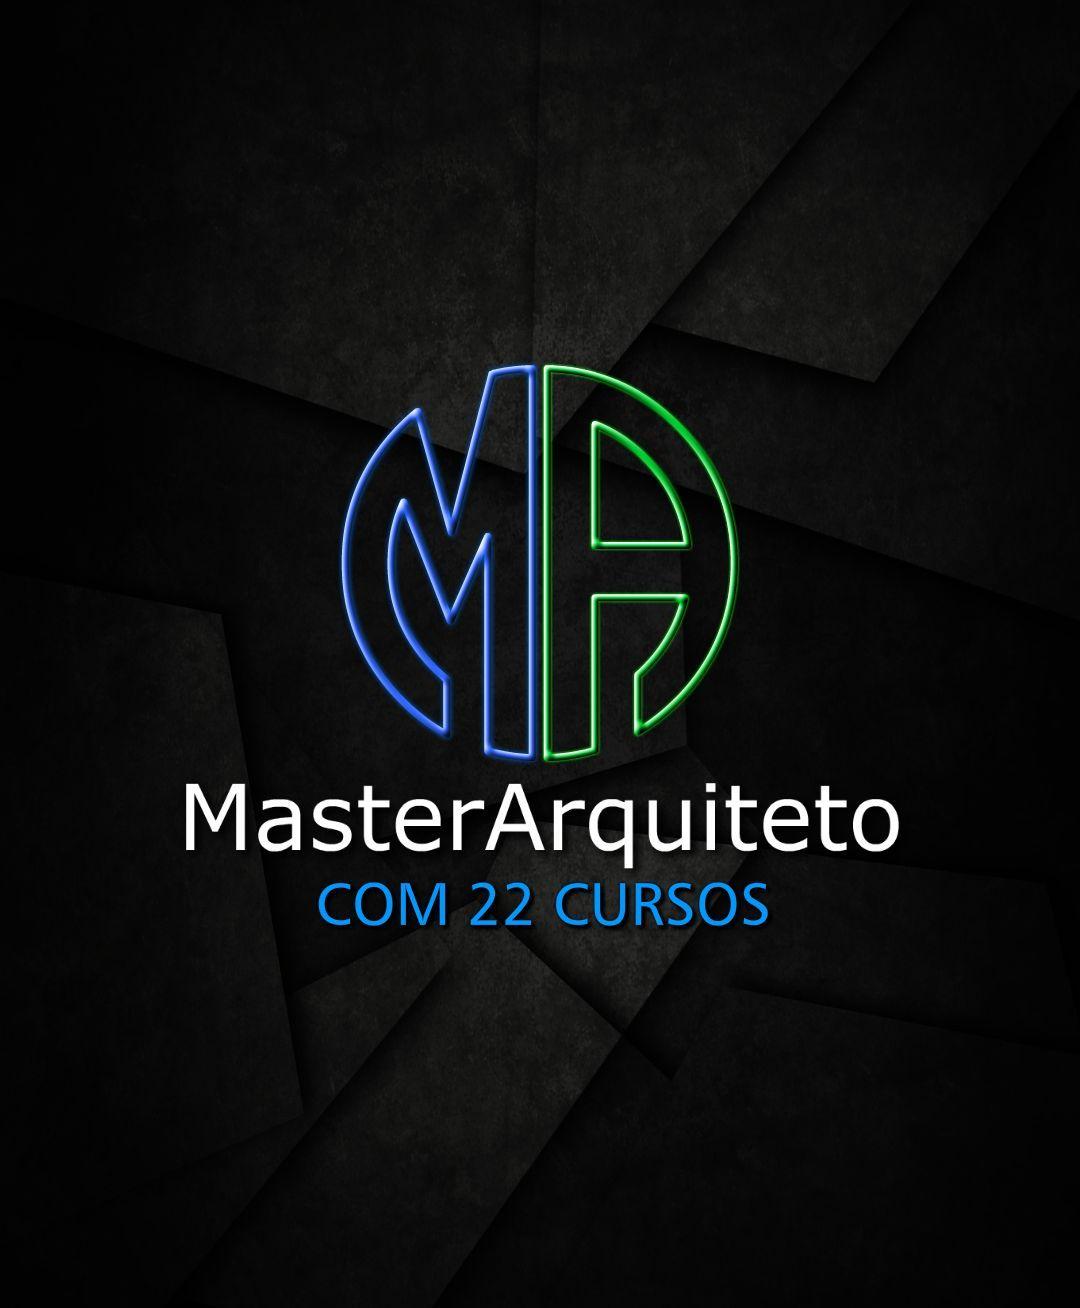 MASTER ARQUITETO PROFISSIONAL EDITION  - 22 CURSOS